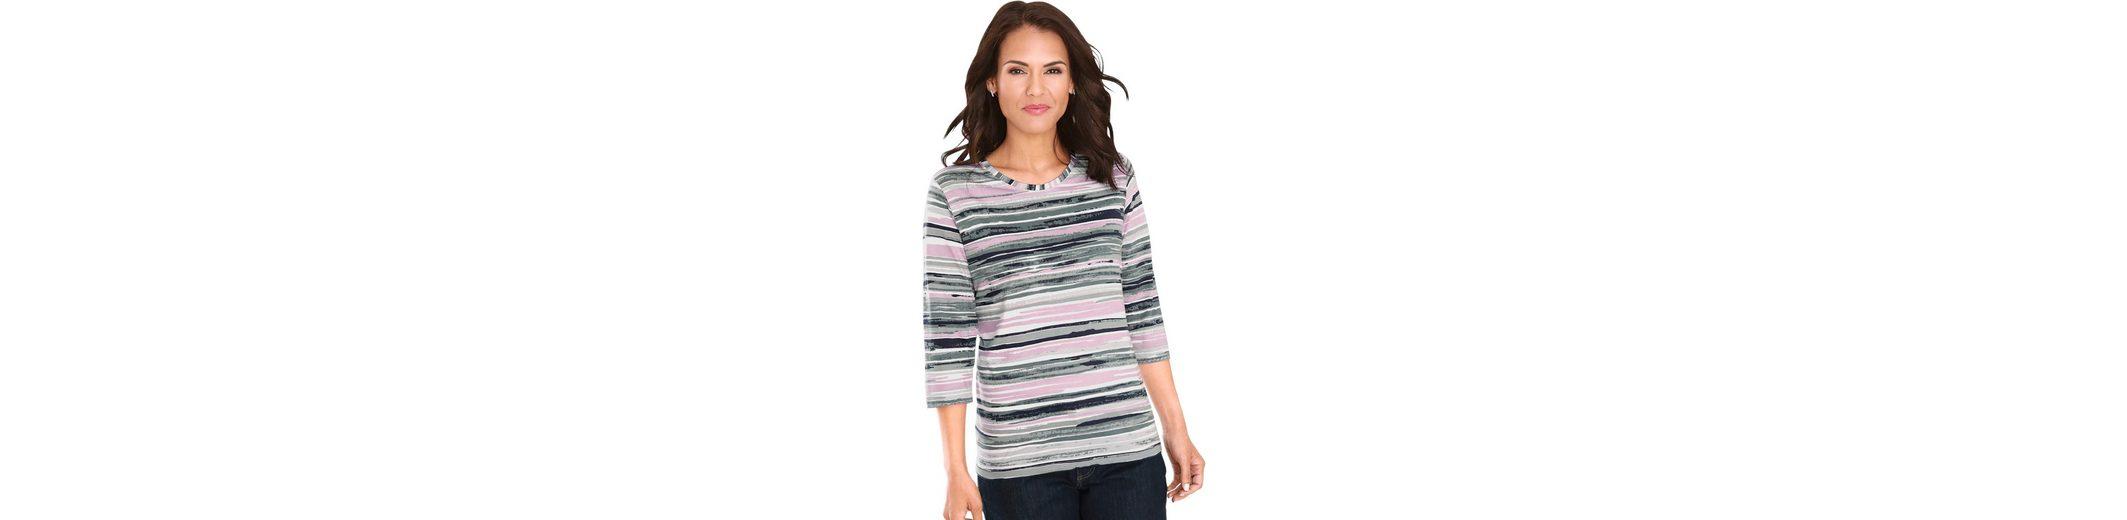 Collection L Shirt in PURE WEAR-Qualität Billig Rabatt Freies Verschiffen Extrem Xc2Ut1